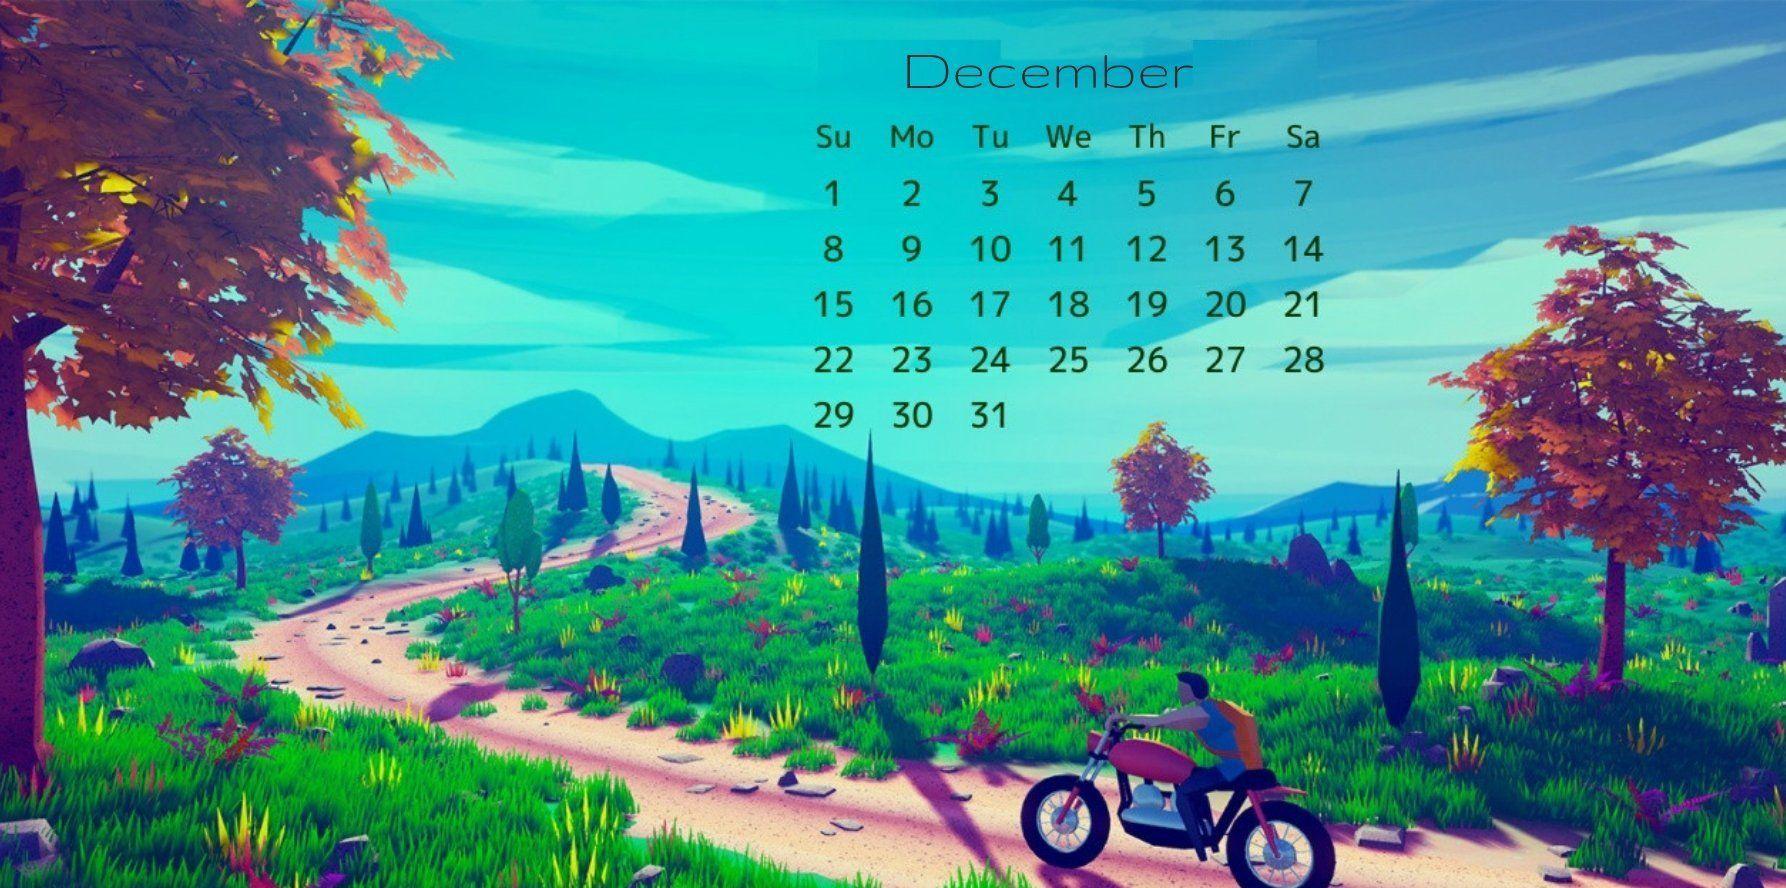 December 2019 Calendar HD Wallpaper